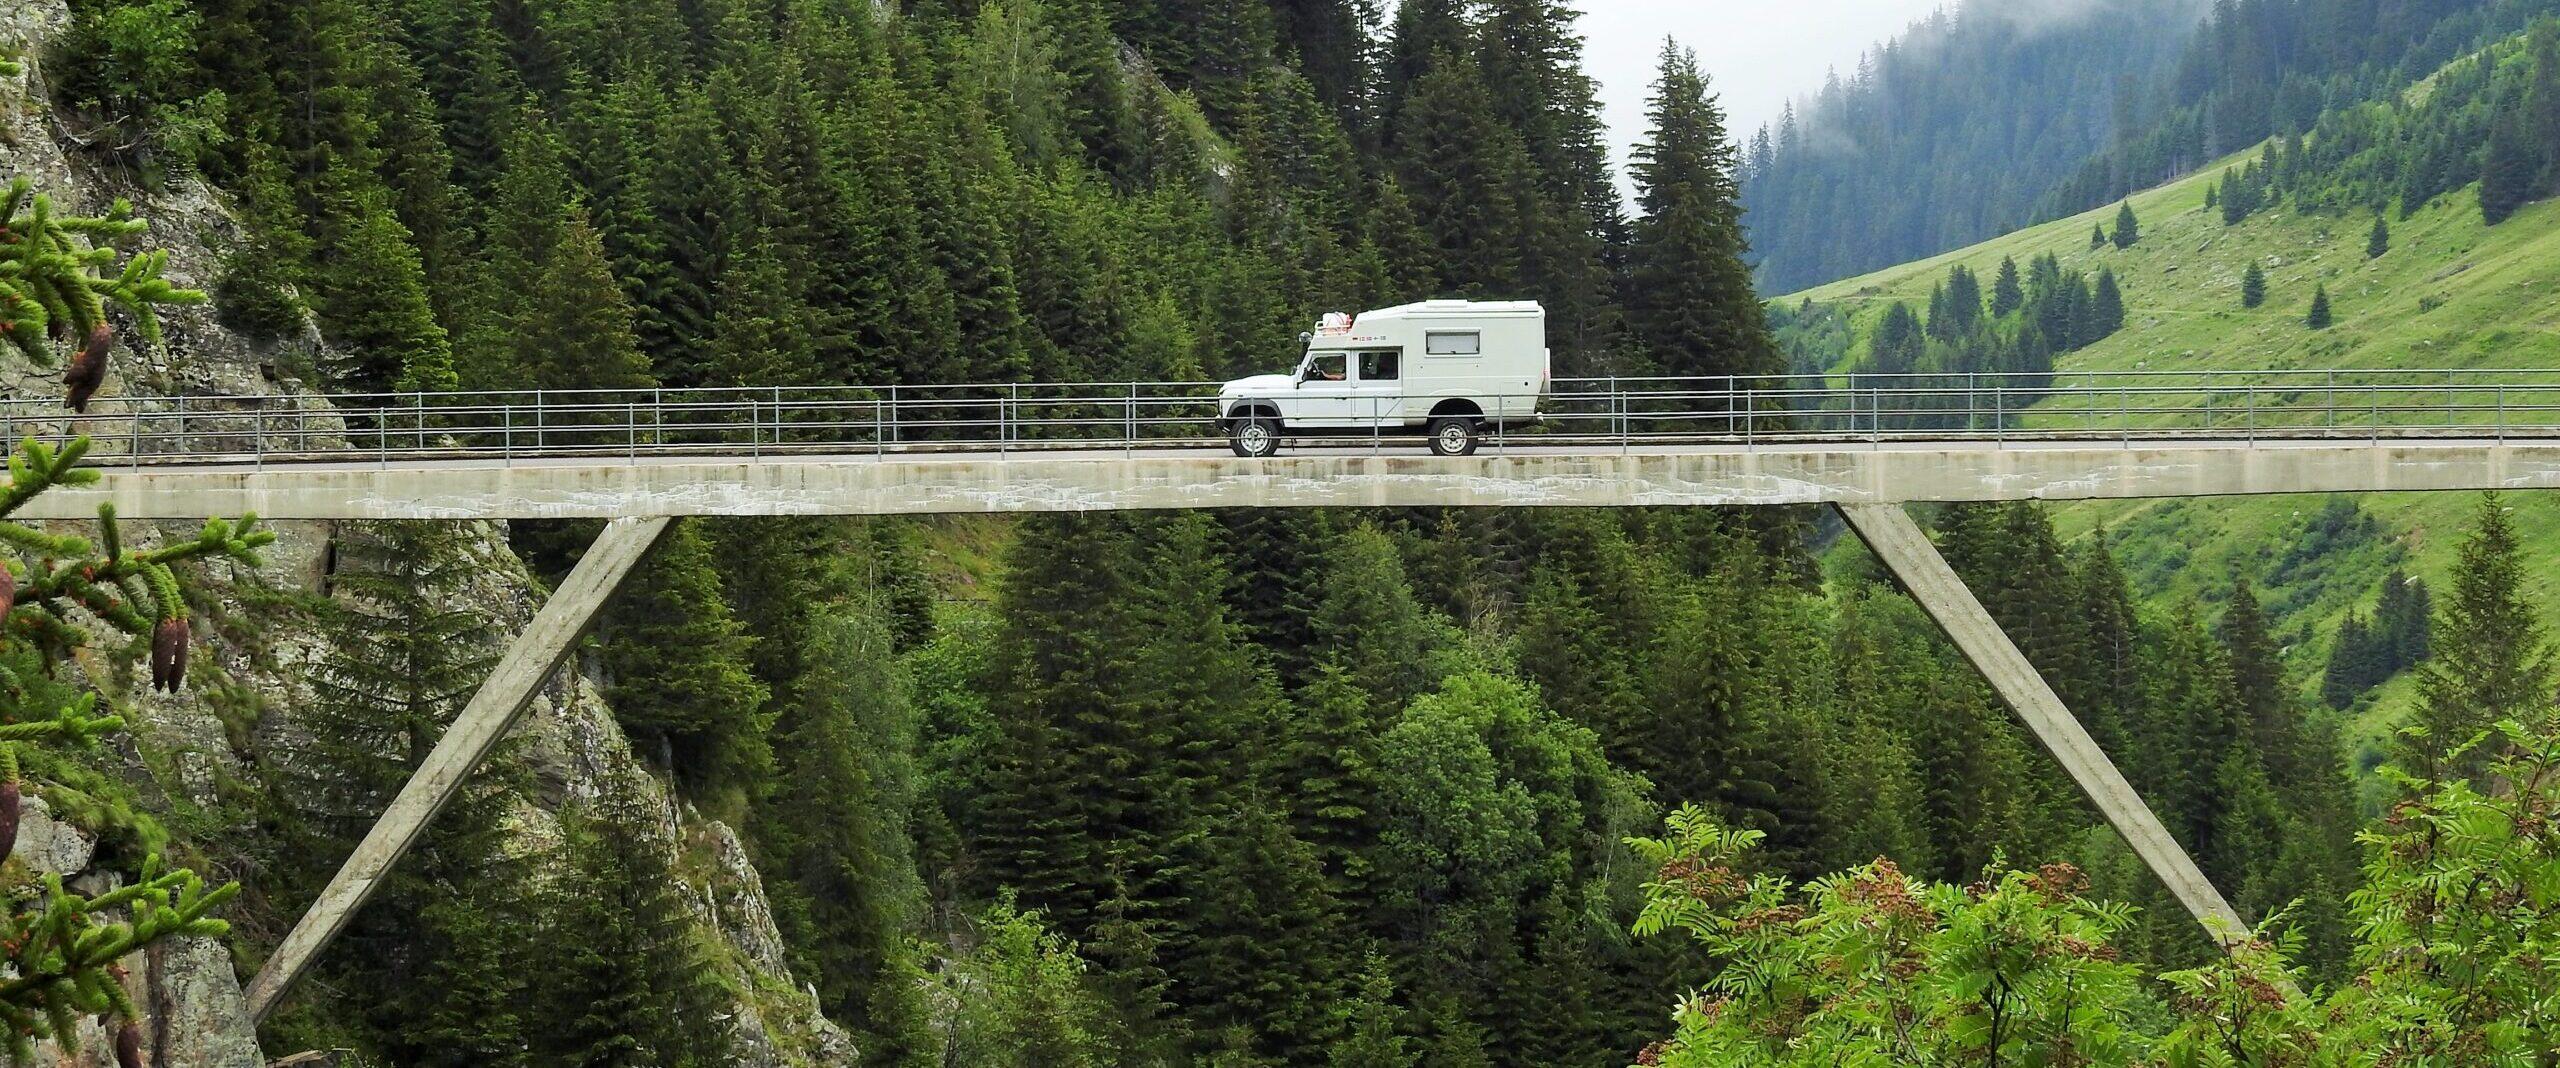 08 – Schweizer Alpen Tour 2020